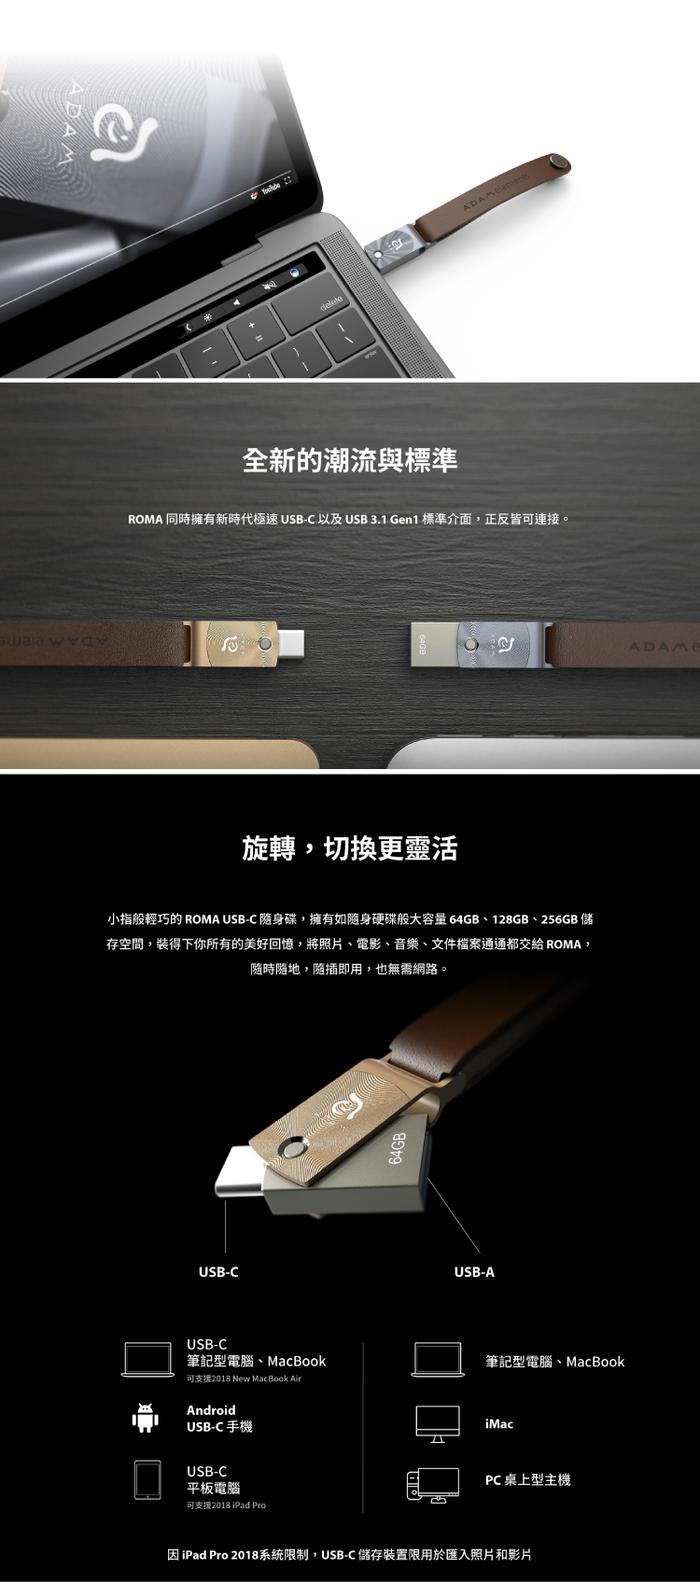 ADAM|USB-C周邊擴充組 Hub Pro USB-C 11 合 1 多功能轉接器 + ROMA 256GB 高速讀寫旋轉隨身碟